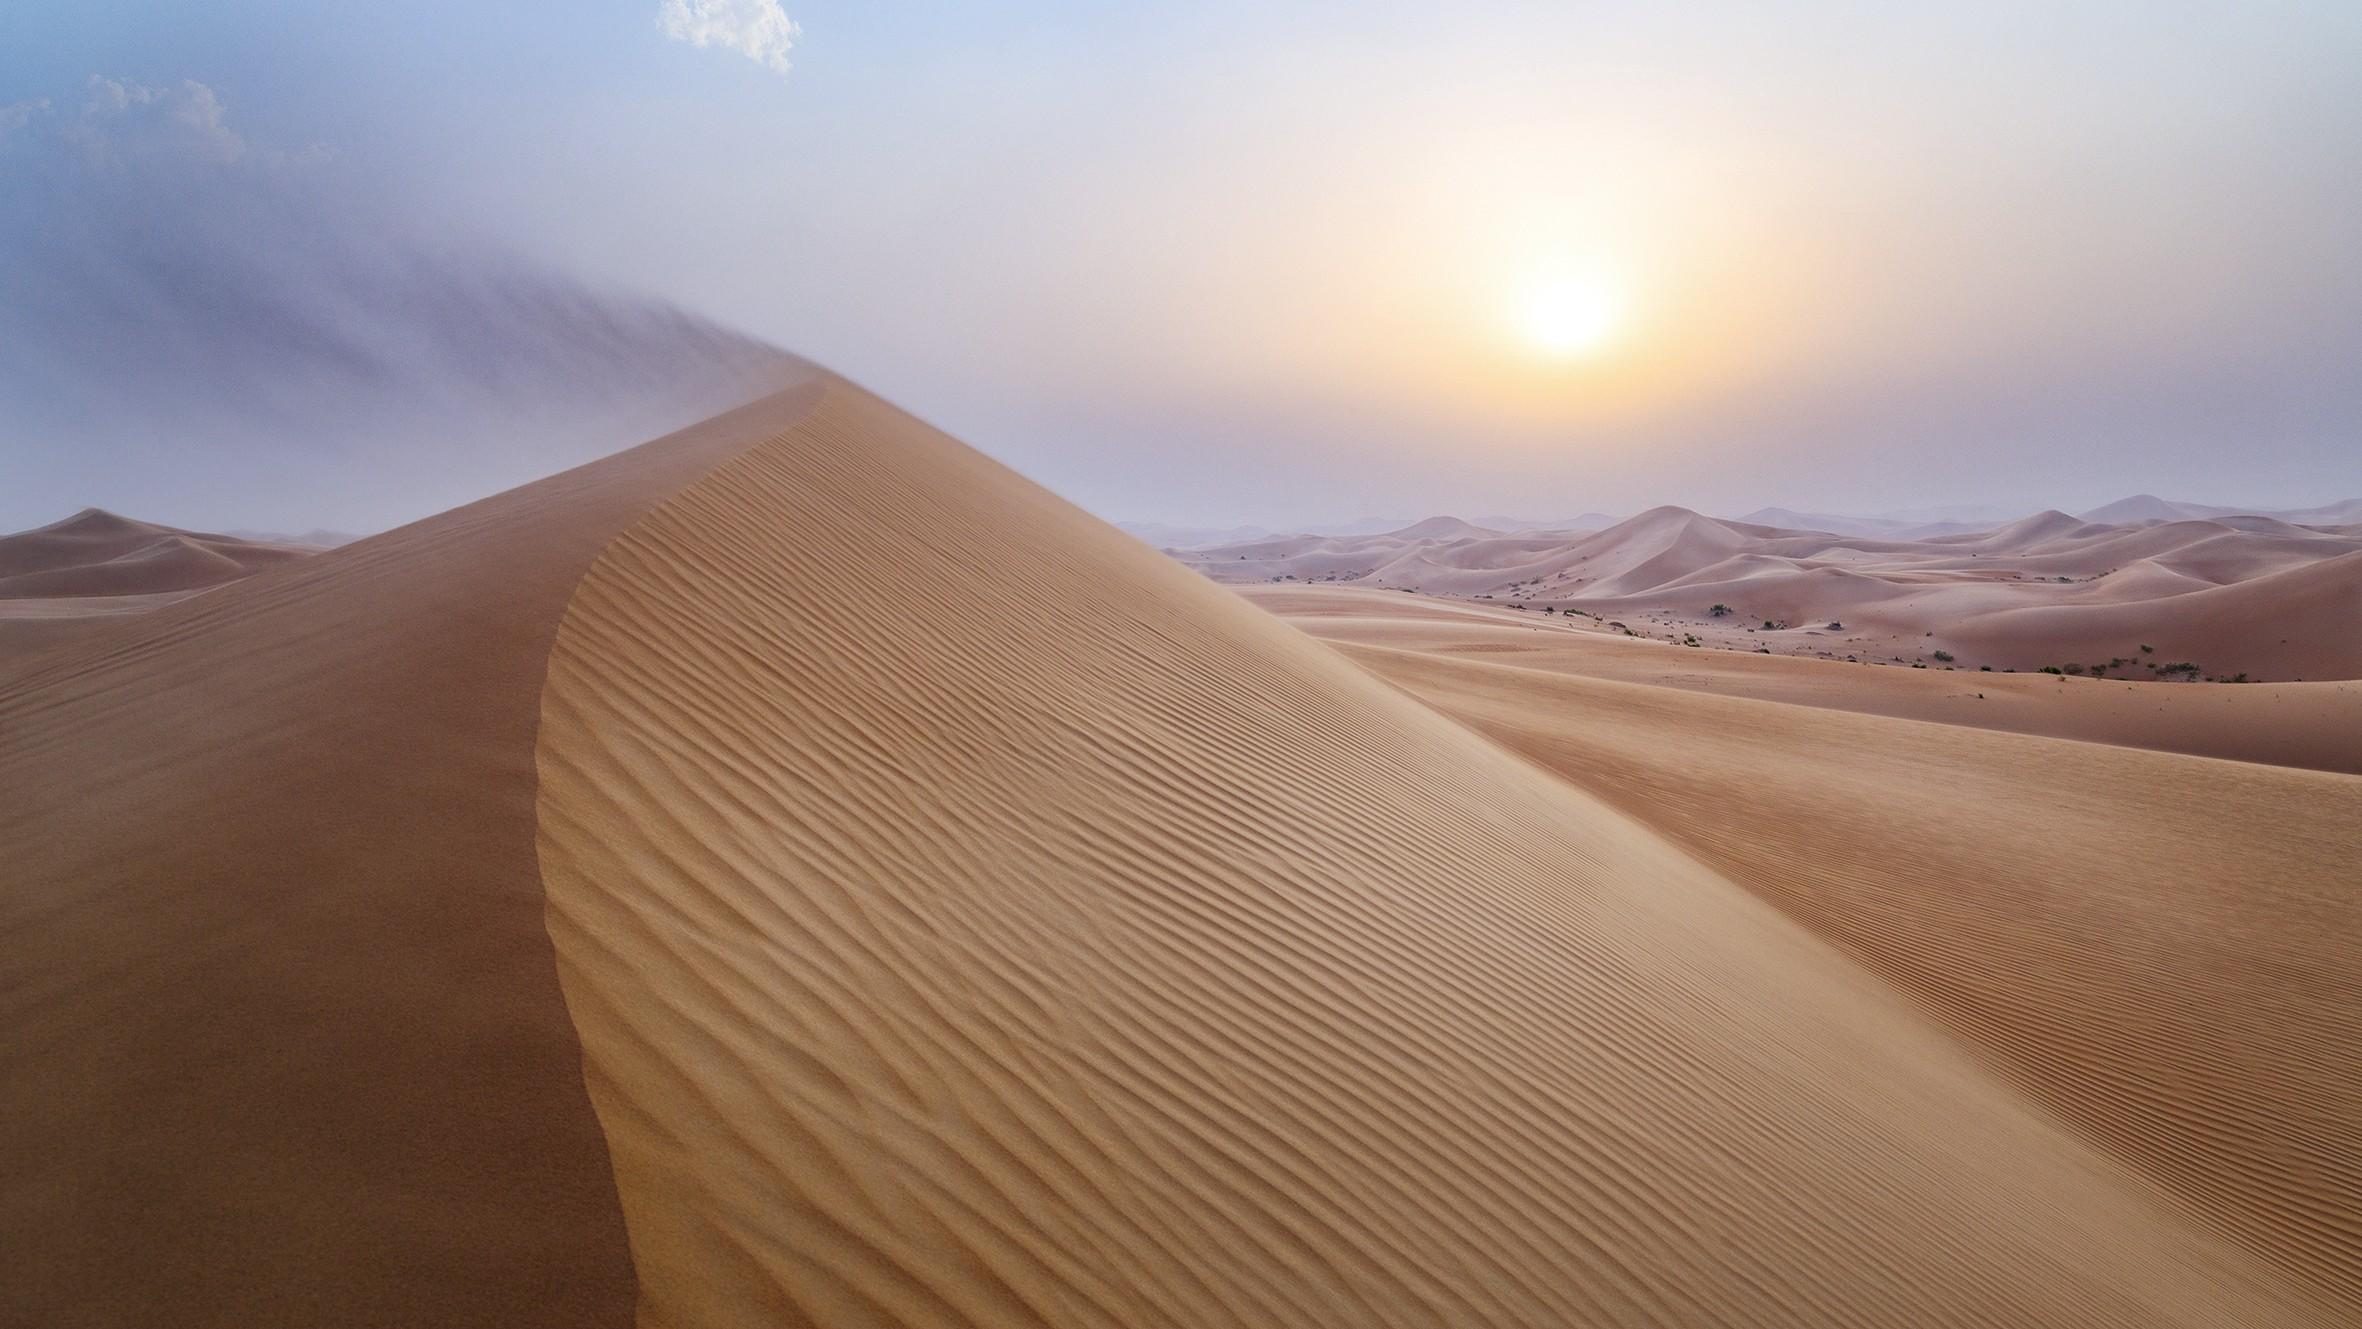 Dune de sable à Abu Dhabi